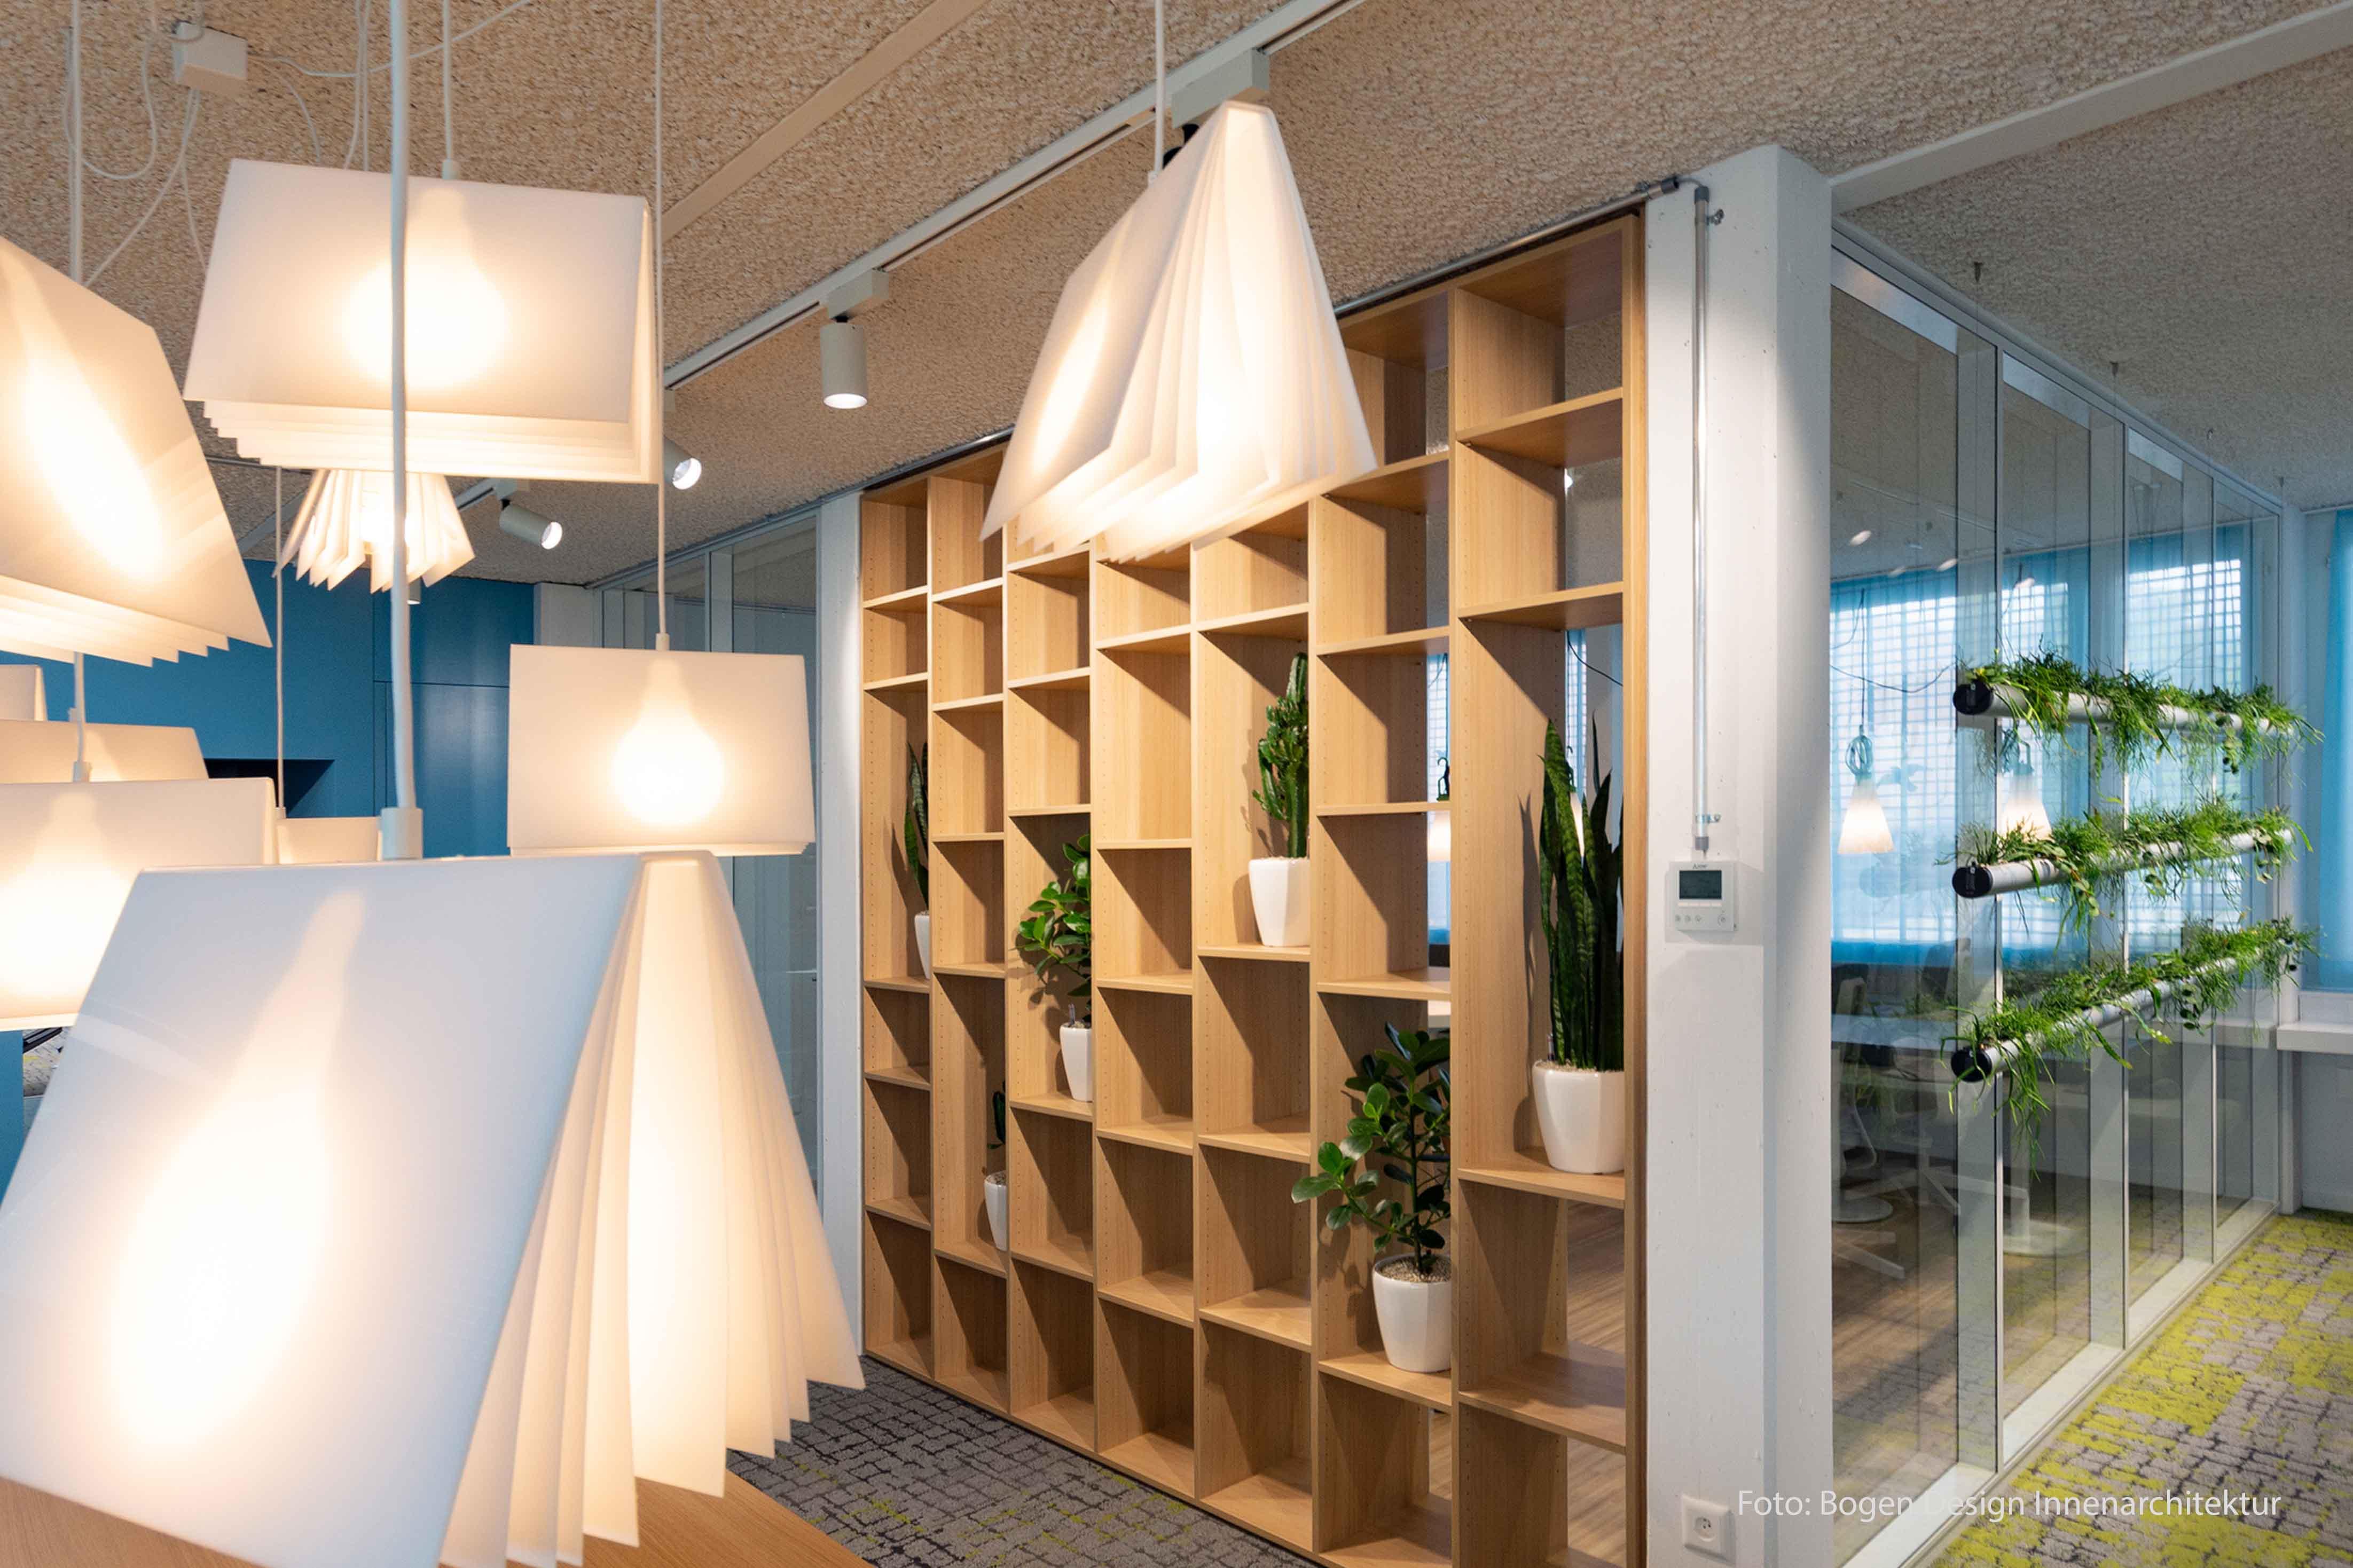 Bild der Lampen, welche wie offene Bücher aussehen, im Aufenthaltsraum der Spitex Turgi